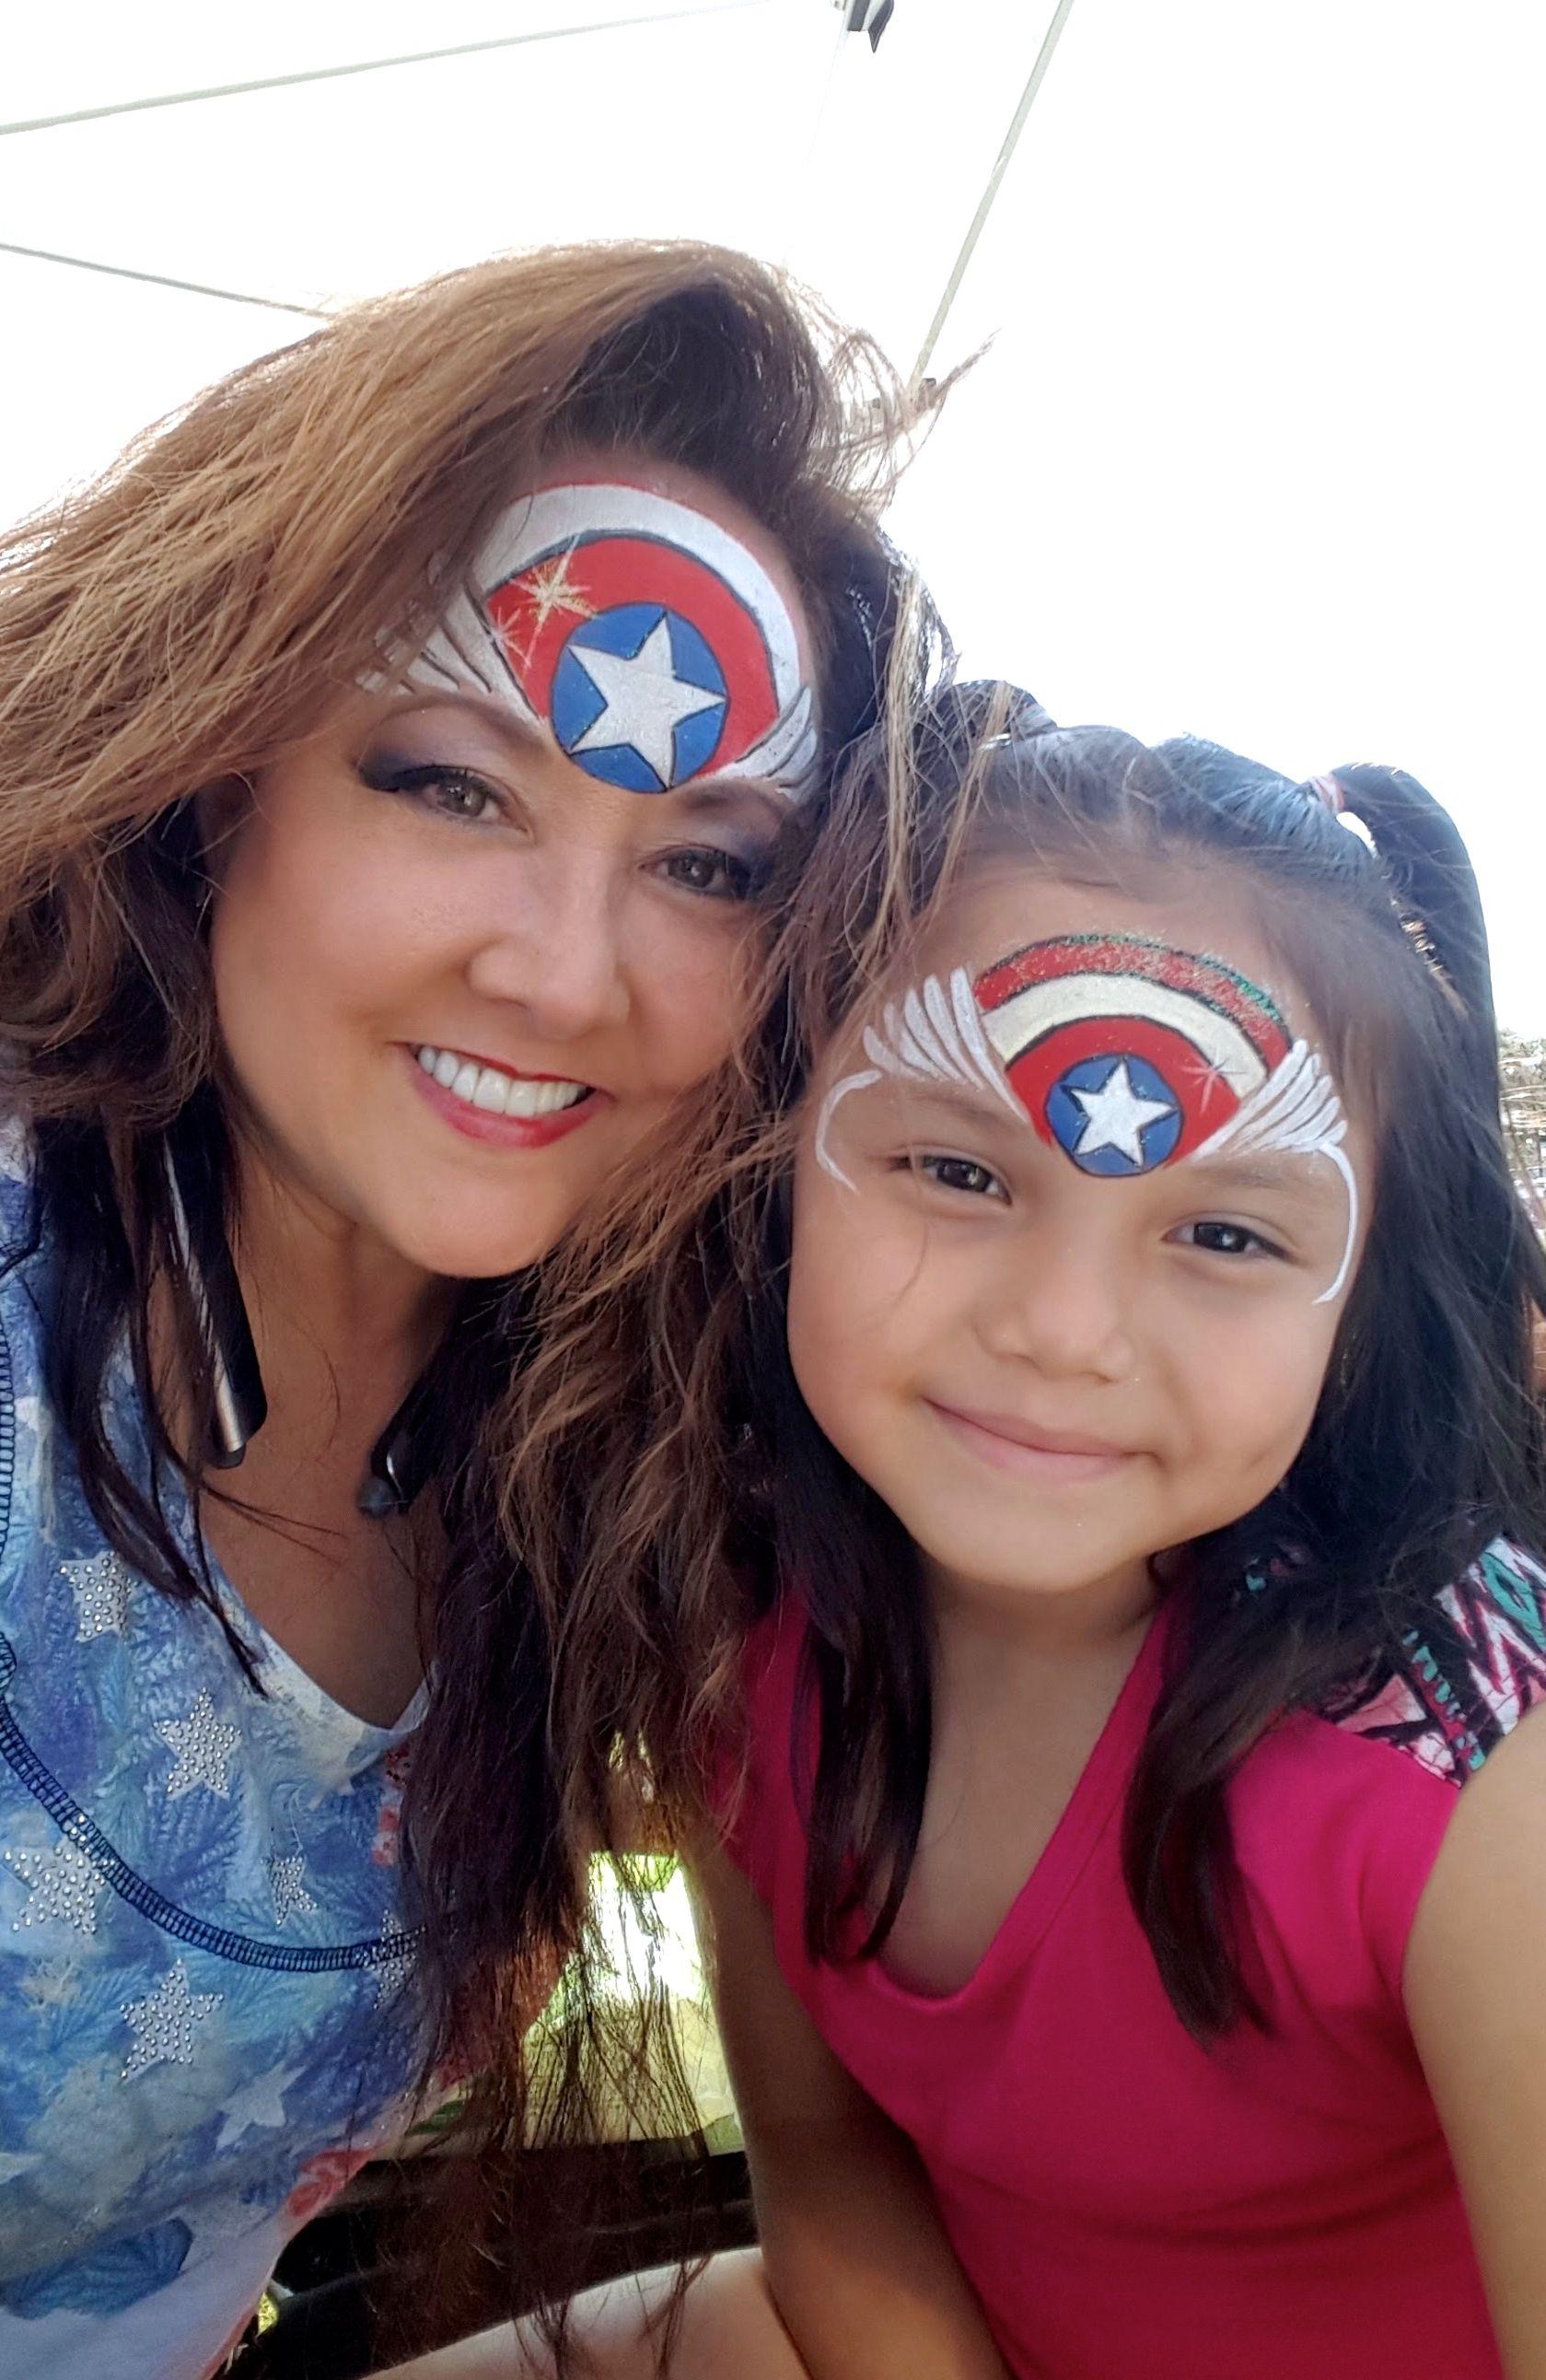 Captain america face paint maquillage enfants pinterest peinture visage maquillage enfant - Captain america fille ...